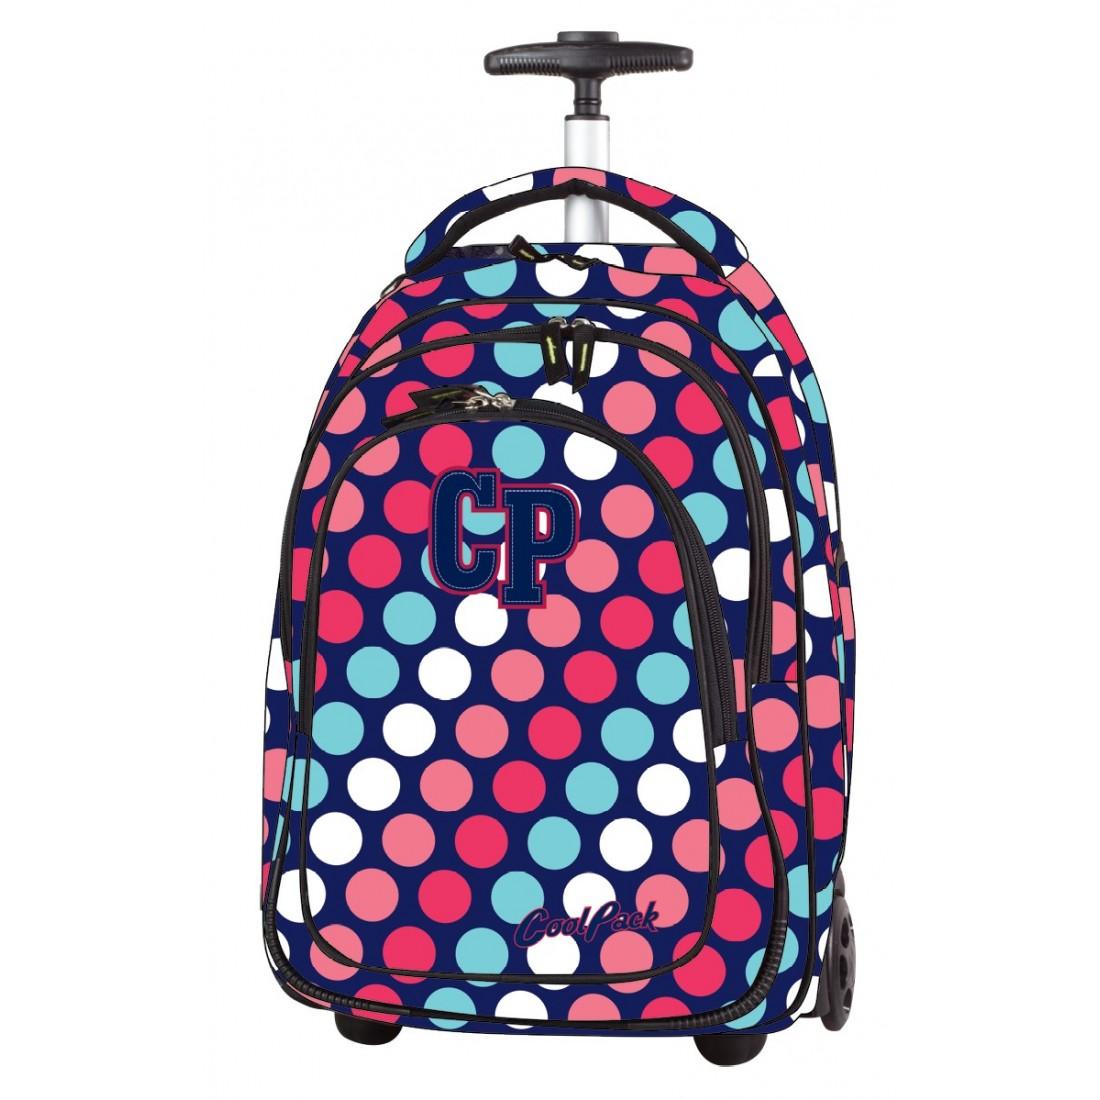 3f931247a385a Plecak na kółkach CoolPack CP TARGET DOTS ulubiony w kropki dla dziewczynki